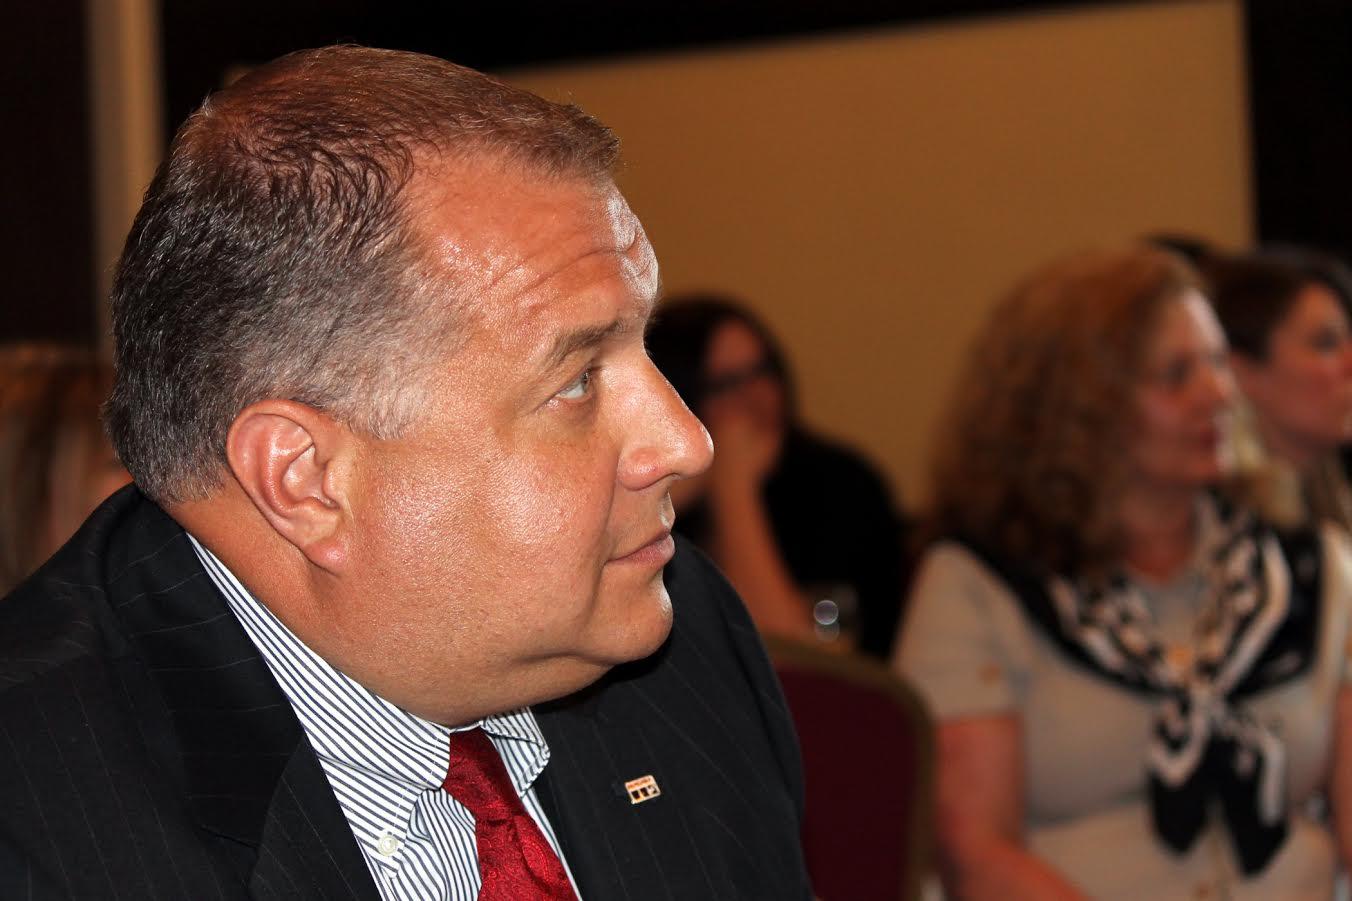 Niagara County Republican Chairman Seeking Candidates